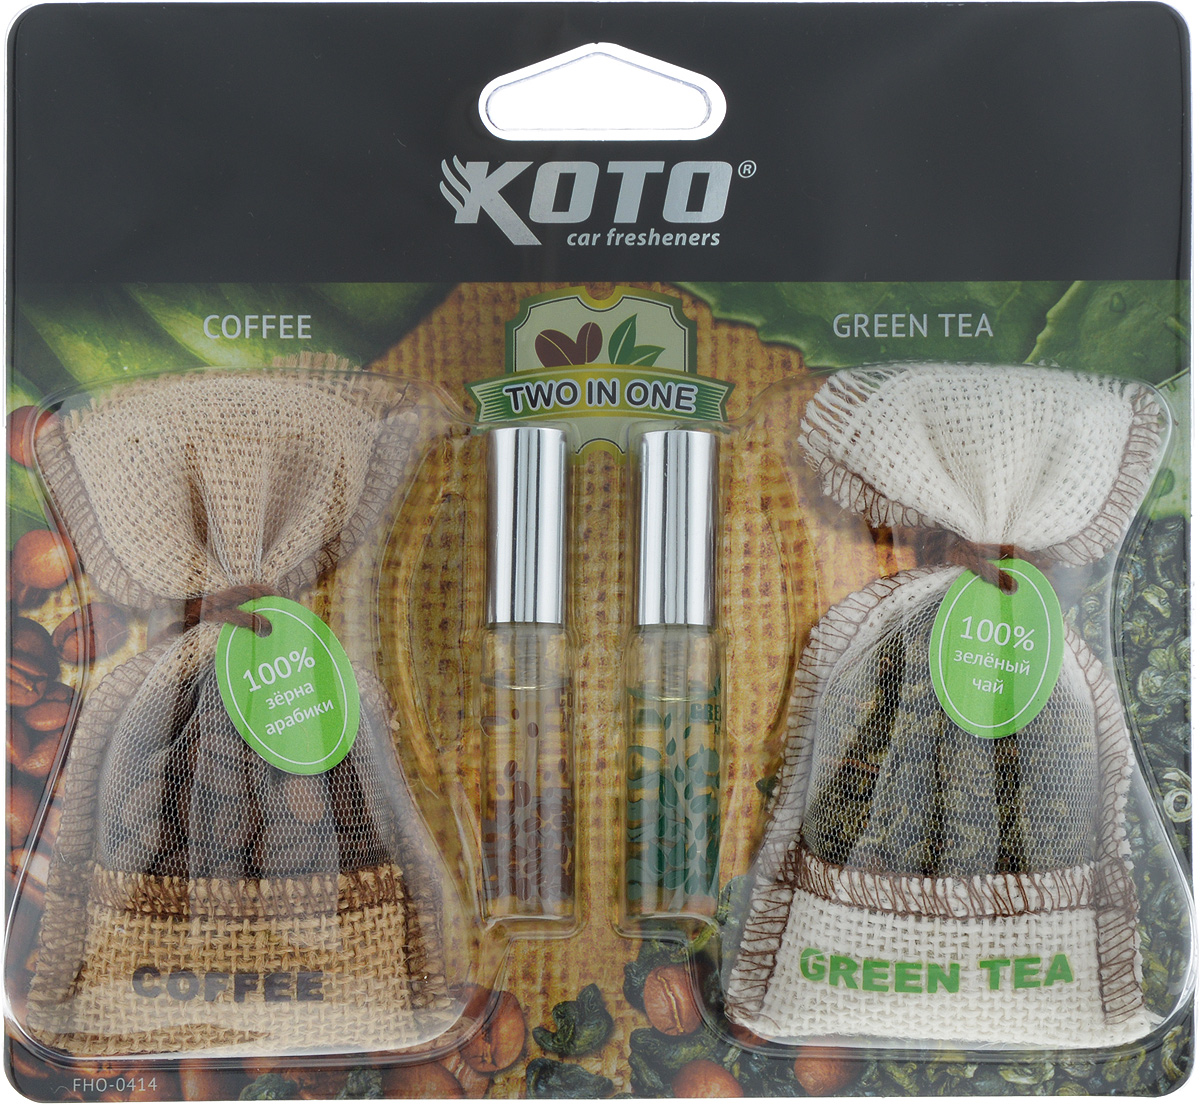 Набор автомобильных ароматизаторов Koto Кофе и зеленый чай, 2 шт1149000Набор автомобильных ароматизаторов Koto Кофе и зеленый чай эффективно устраняет неприятные запахи и придает легкий приятный аромат. Он состоит из двух мешочков и двух флаконов. Благодаря присоске, мешочки легко размещаются в автомобиле на зеркале заднего вида или на любой гладкой поверхности.Состав набора: мешок с зернами кофе, мешок с листьями зеленого чая, жидкостный ароматизатор с ароматом кофе, жидкостный ароматизатор с ароматом зеленого чая. Вес одного мешочка: 20 г. Объем одного жидкостного ароматизатора: 9 мл.